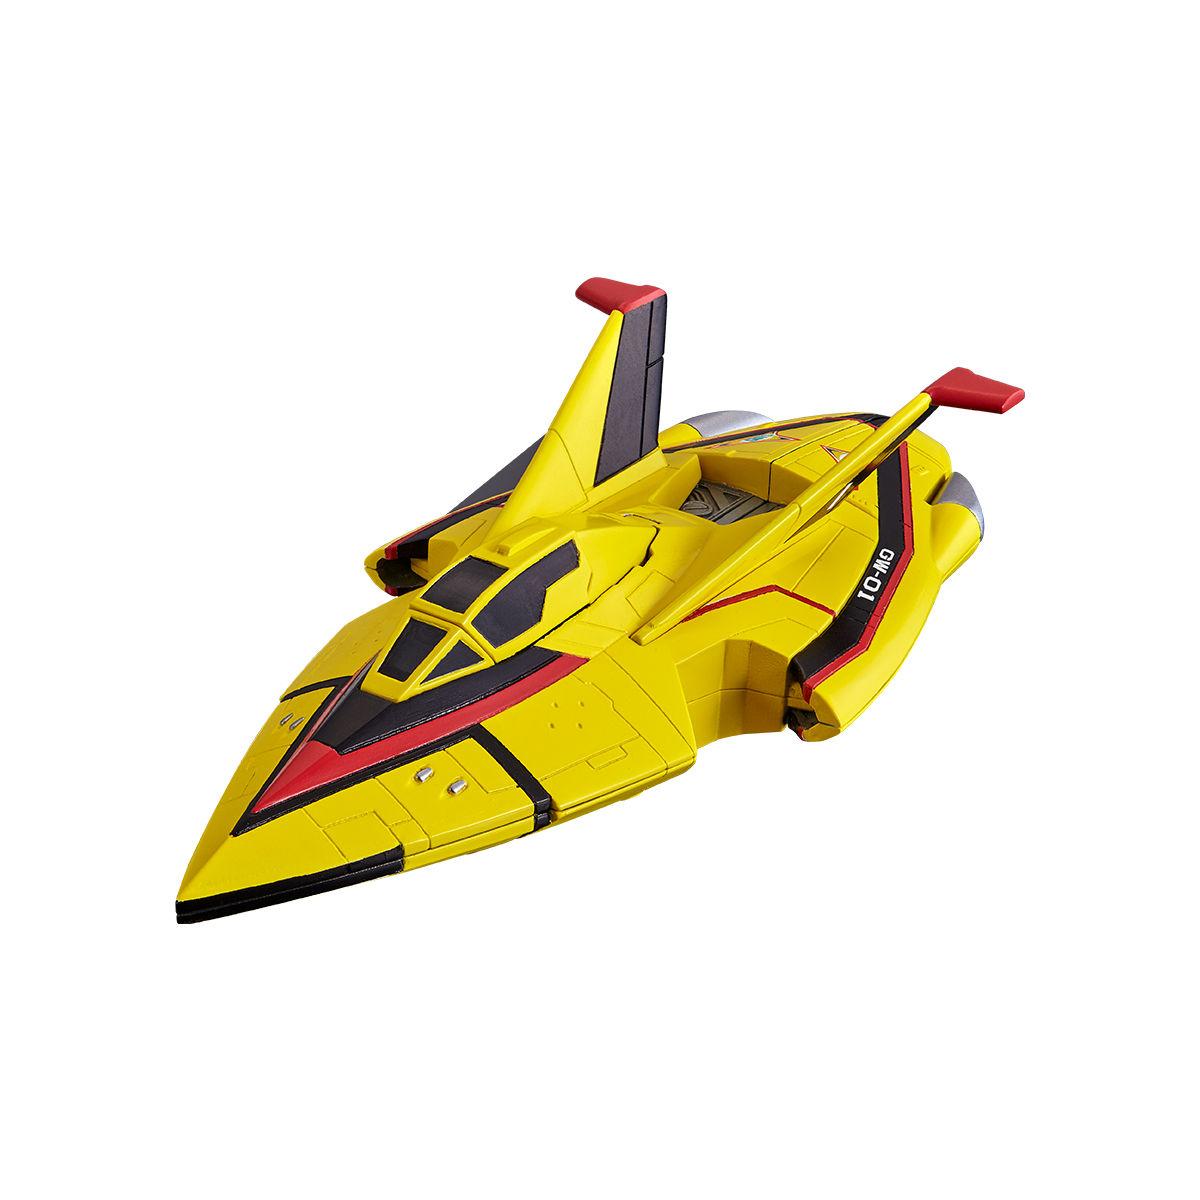 ウルトラリバイブ『ガッツウイング1号』ウルトラマンティガ 完成品モデル-005